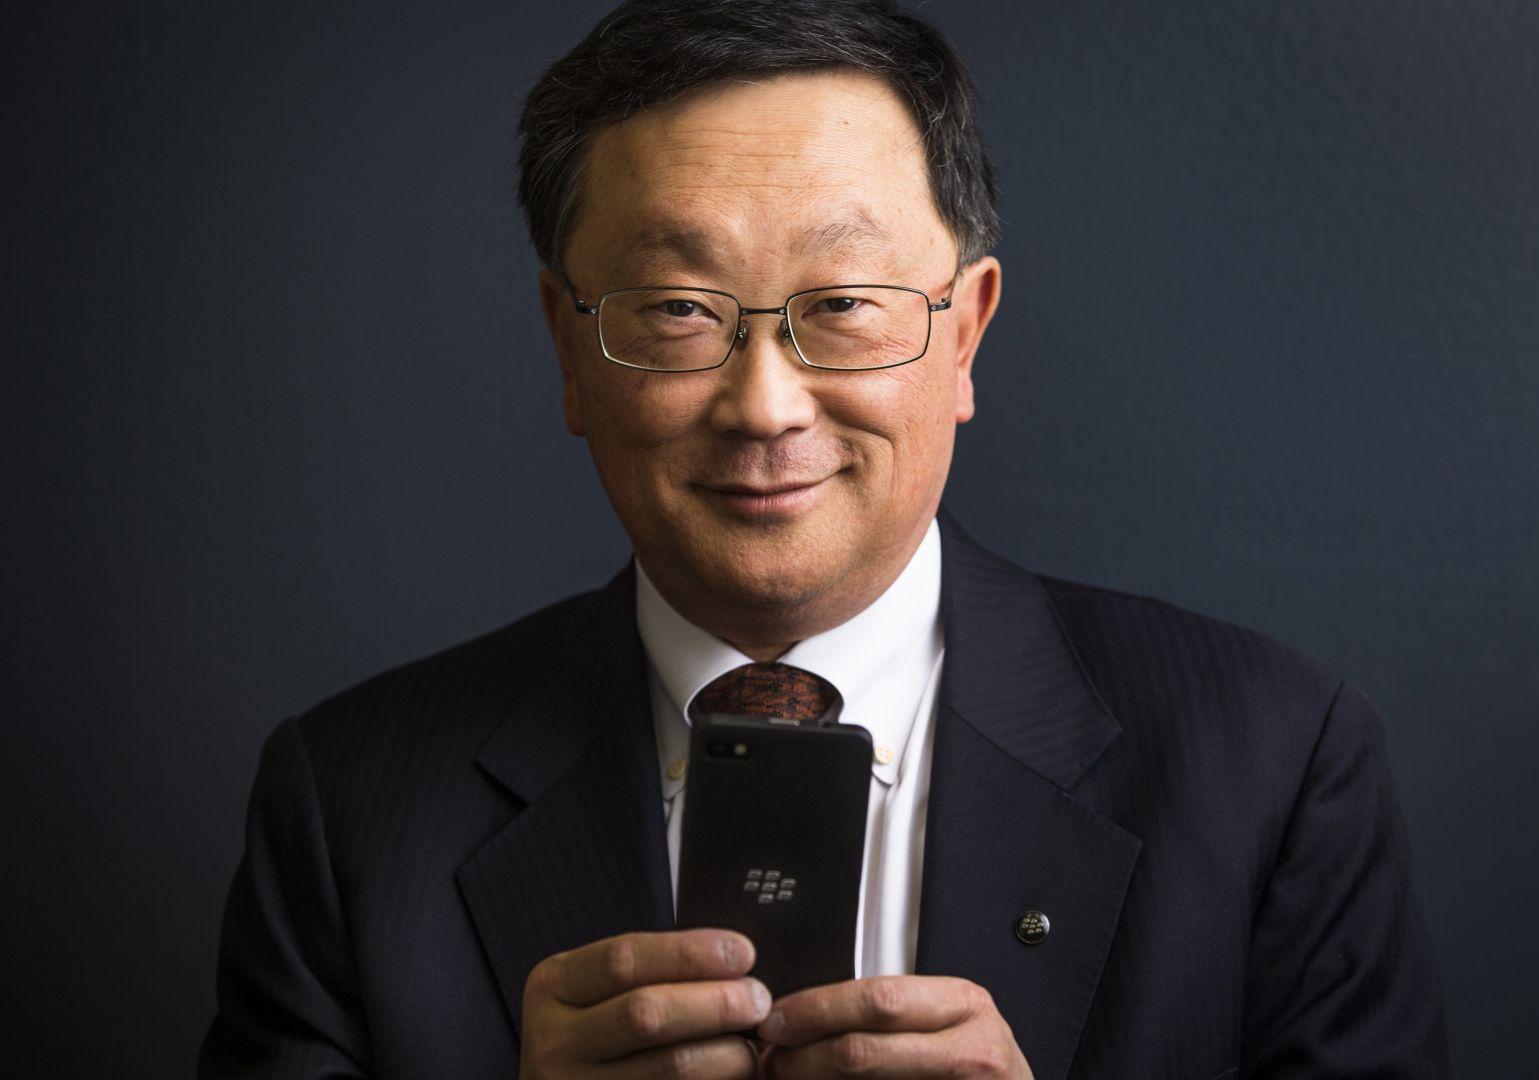 Прем Ватса: «Джон Чен — выдающийся руководитель»